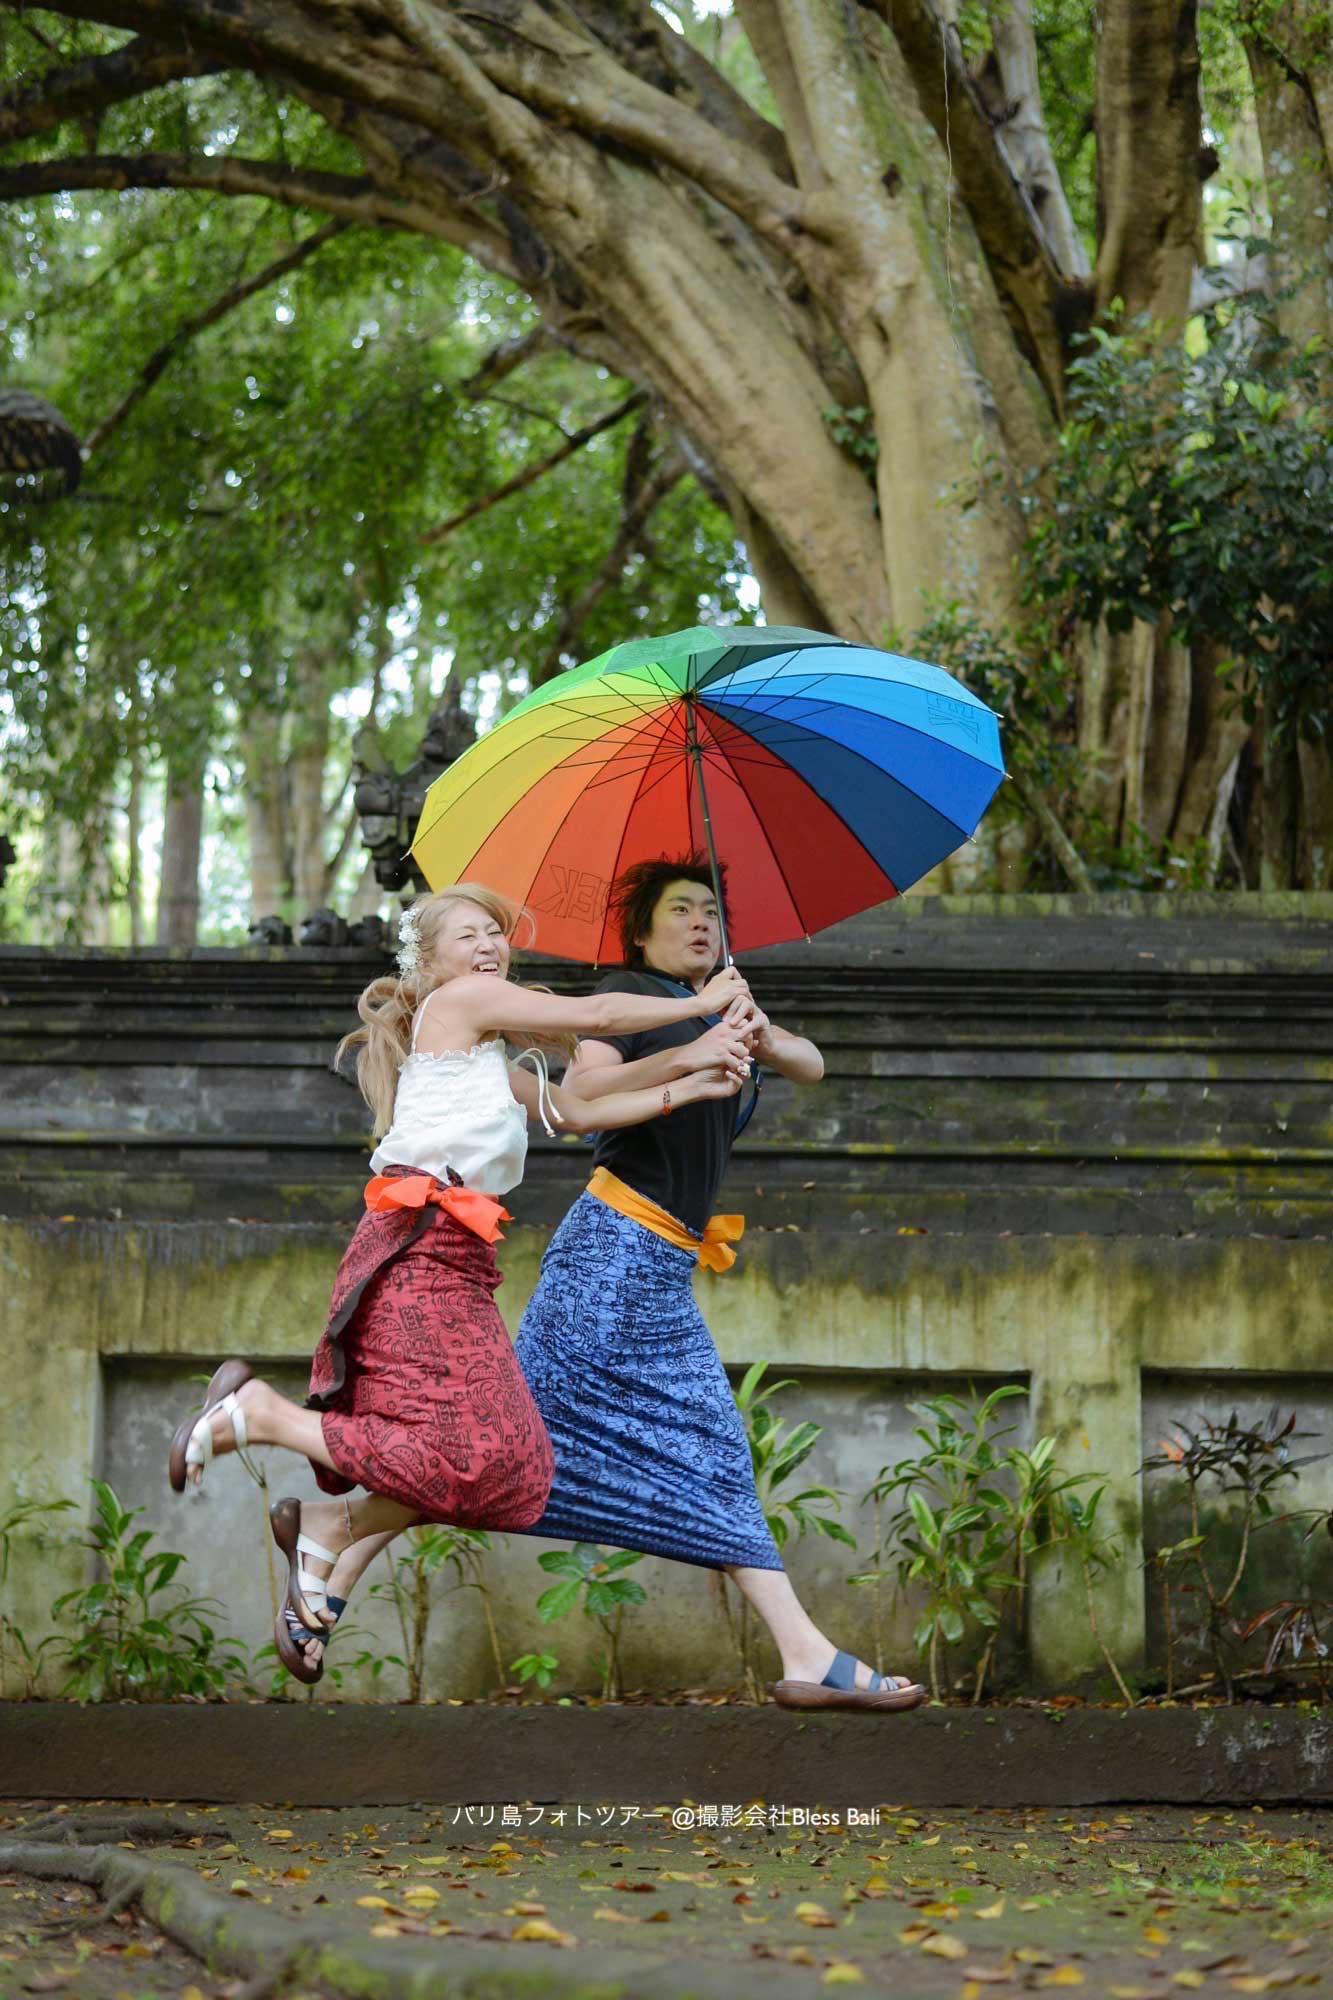 カラフルなレインボー傘